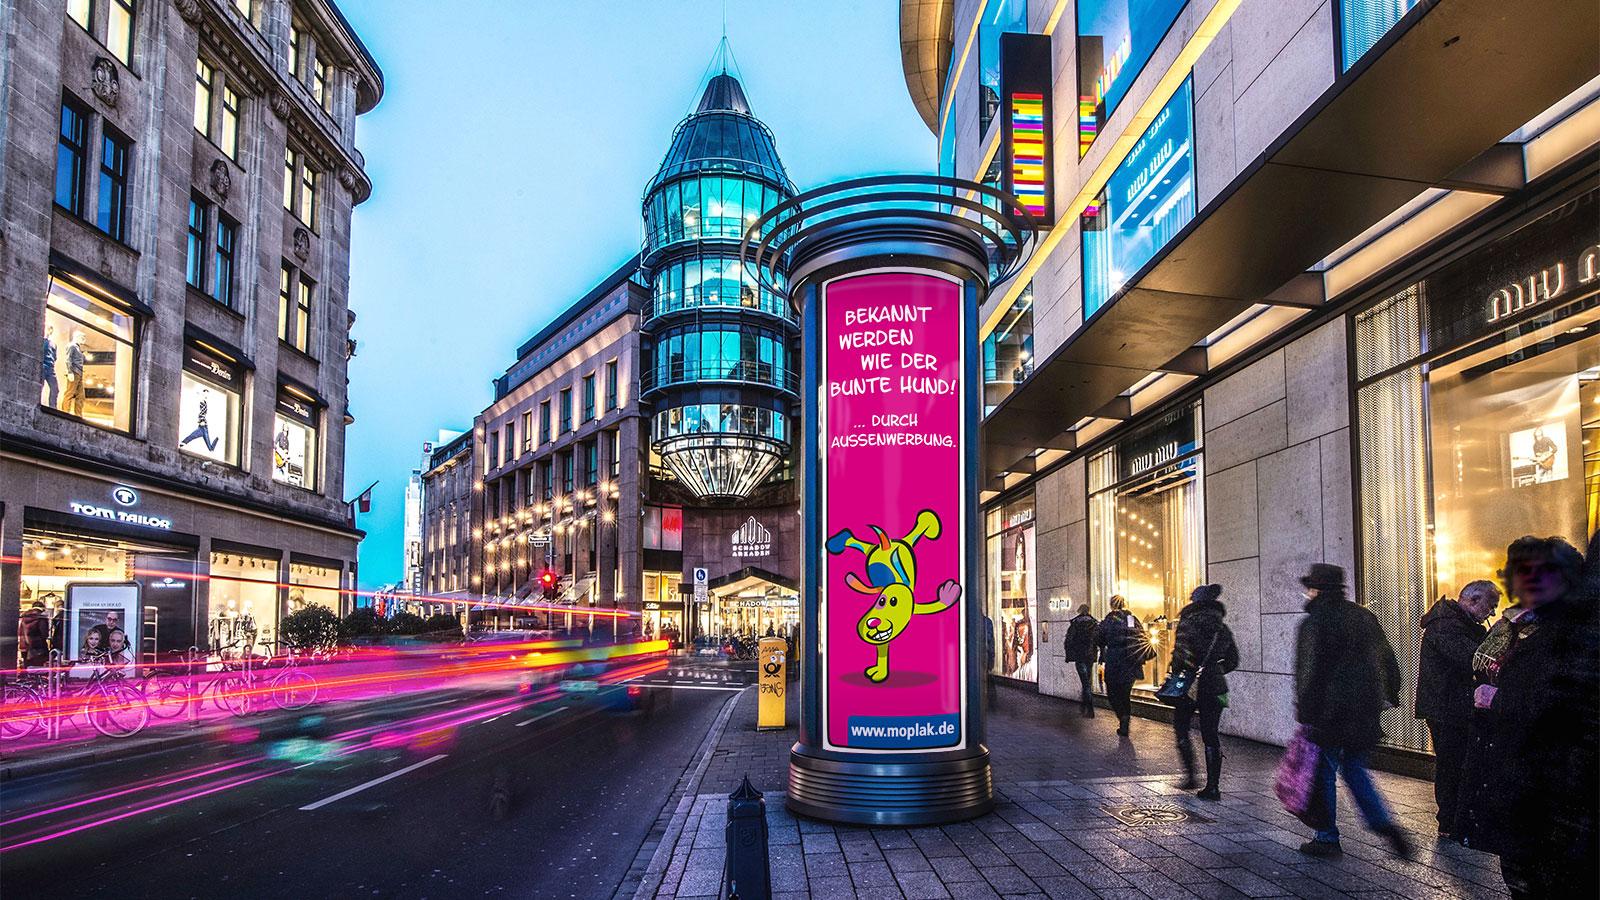 Mainz-Aussenwerbung-Litfasssaeule-Werbung